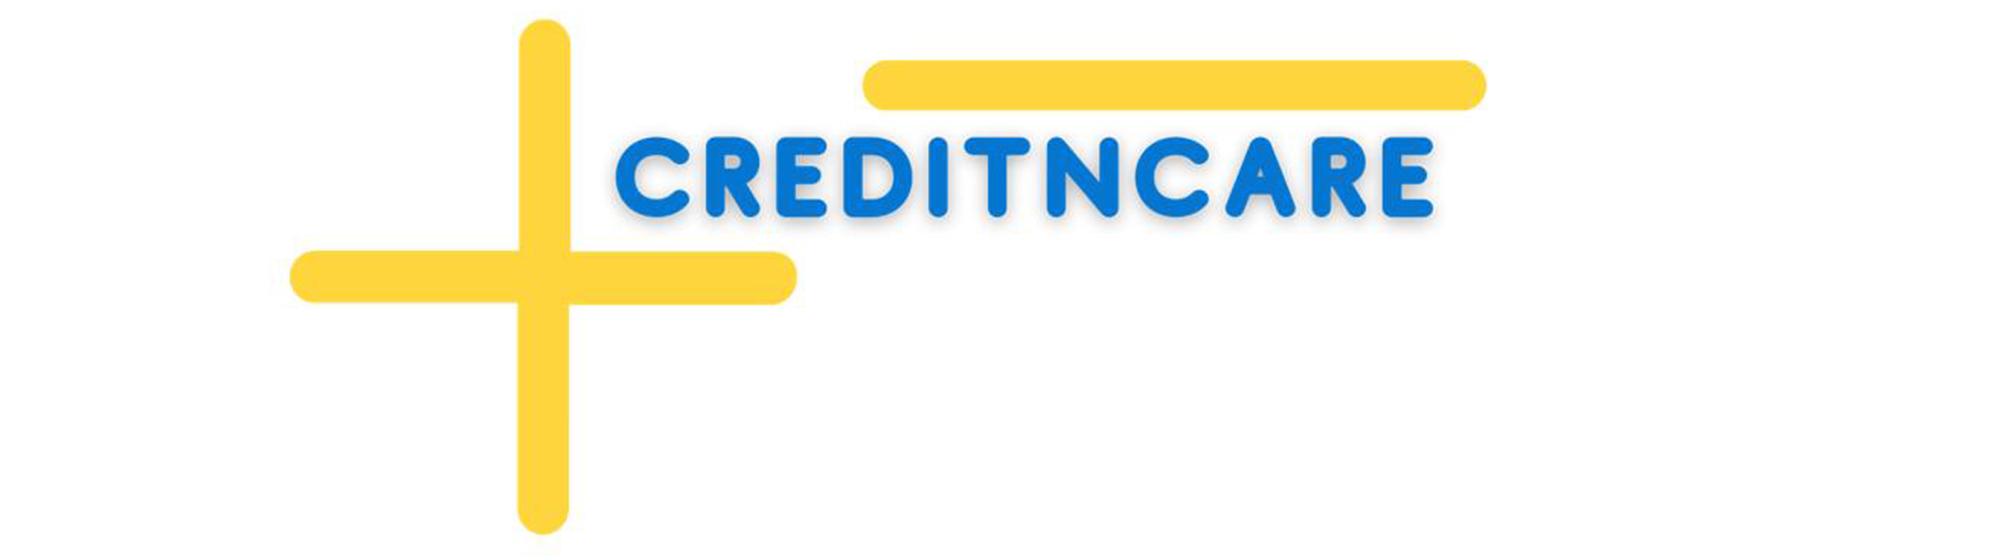 creditncare.com